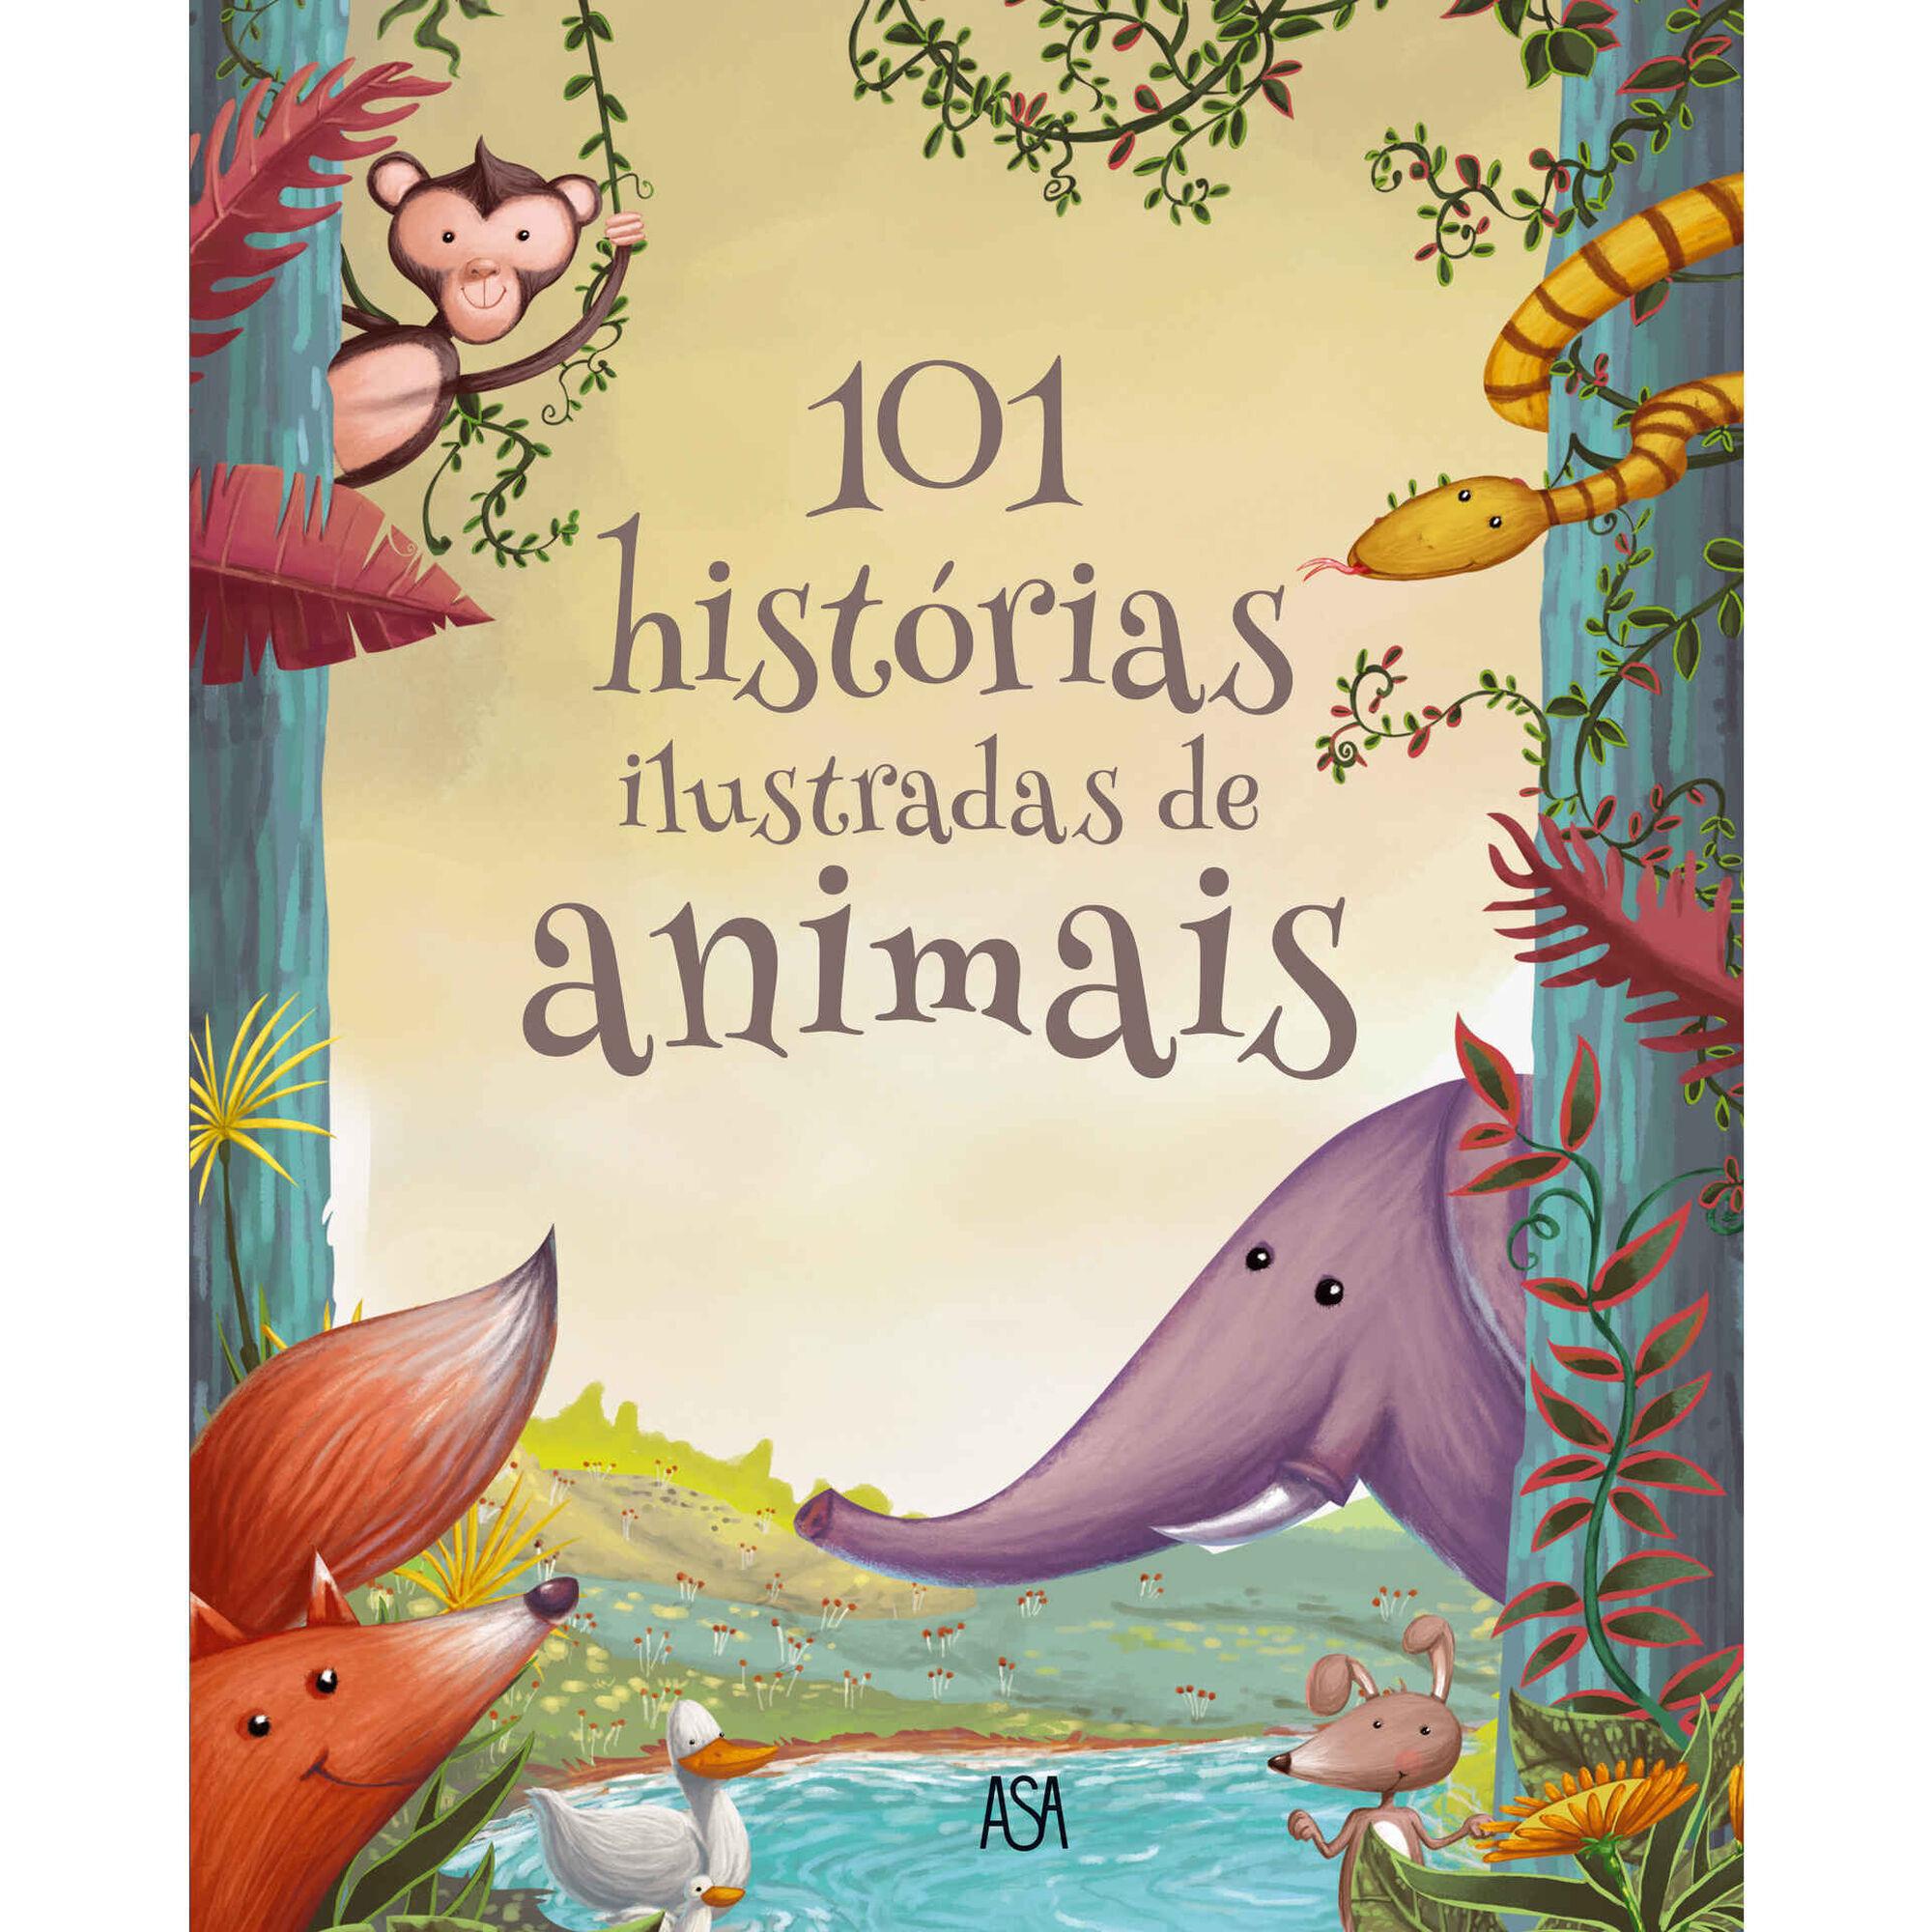 101 Histórias Ilustradas de Animais